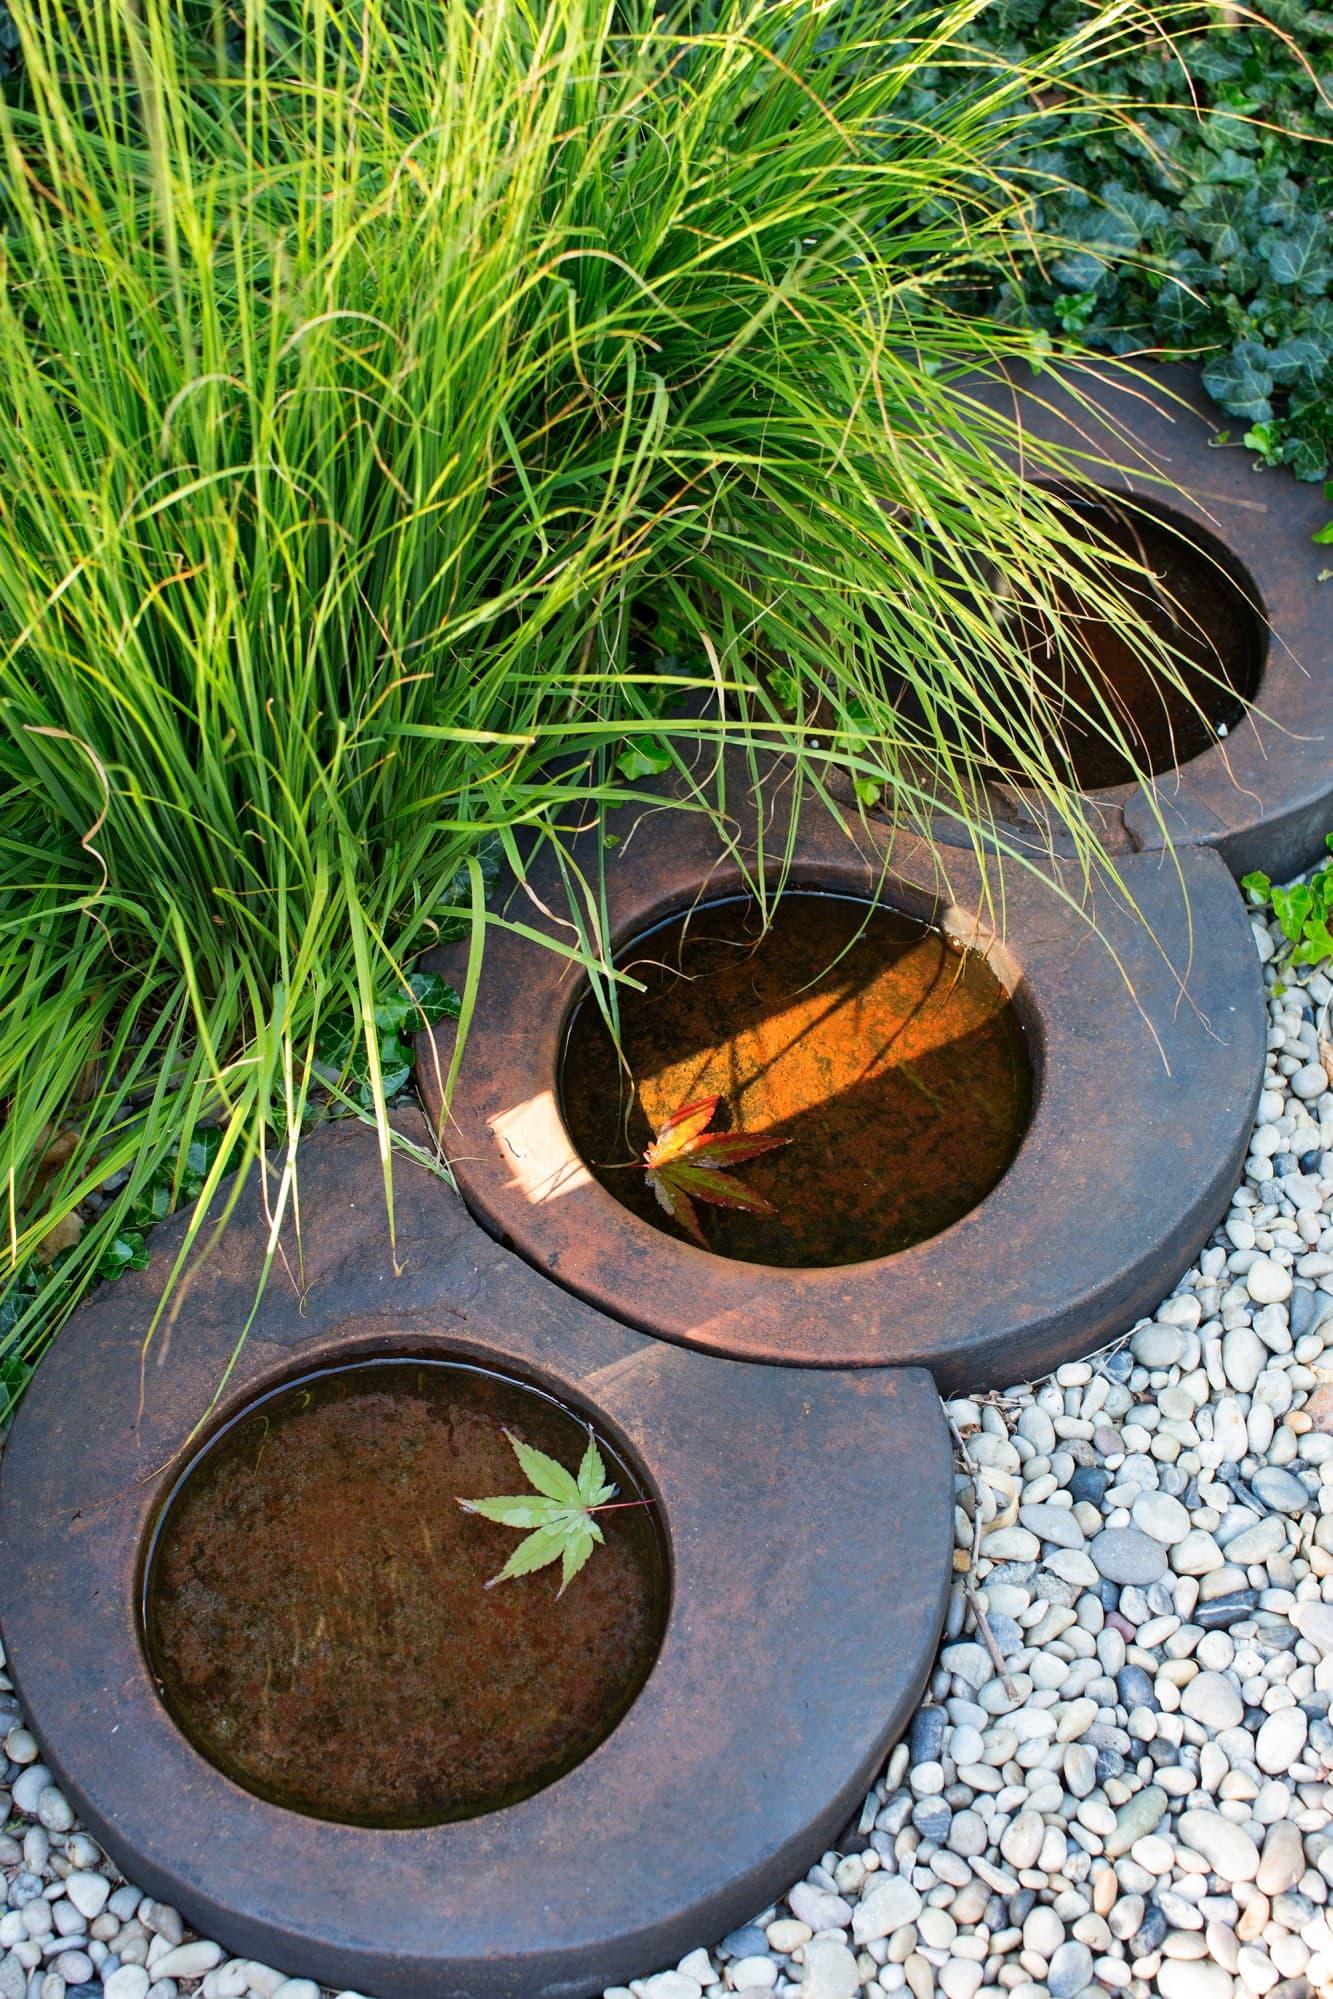 Vattenbadet från Löddeköpinge plantskola är placerat intill trädäcket, gräset blåtåtel, Molinia caerulea `Moorhexe` når en höjd av 40 cm.